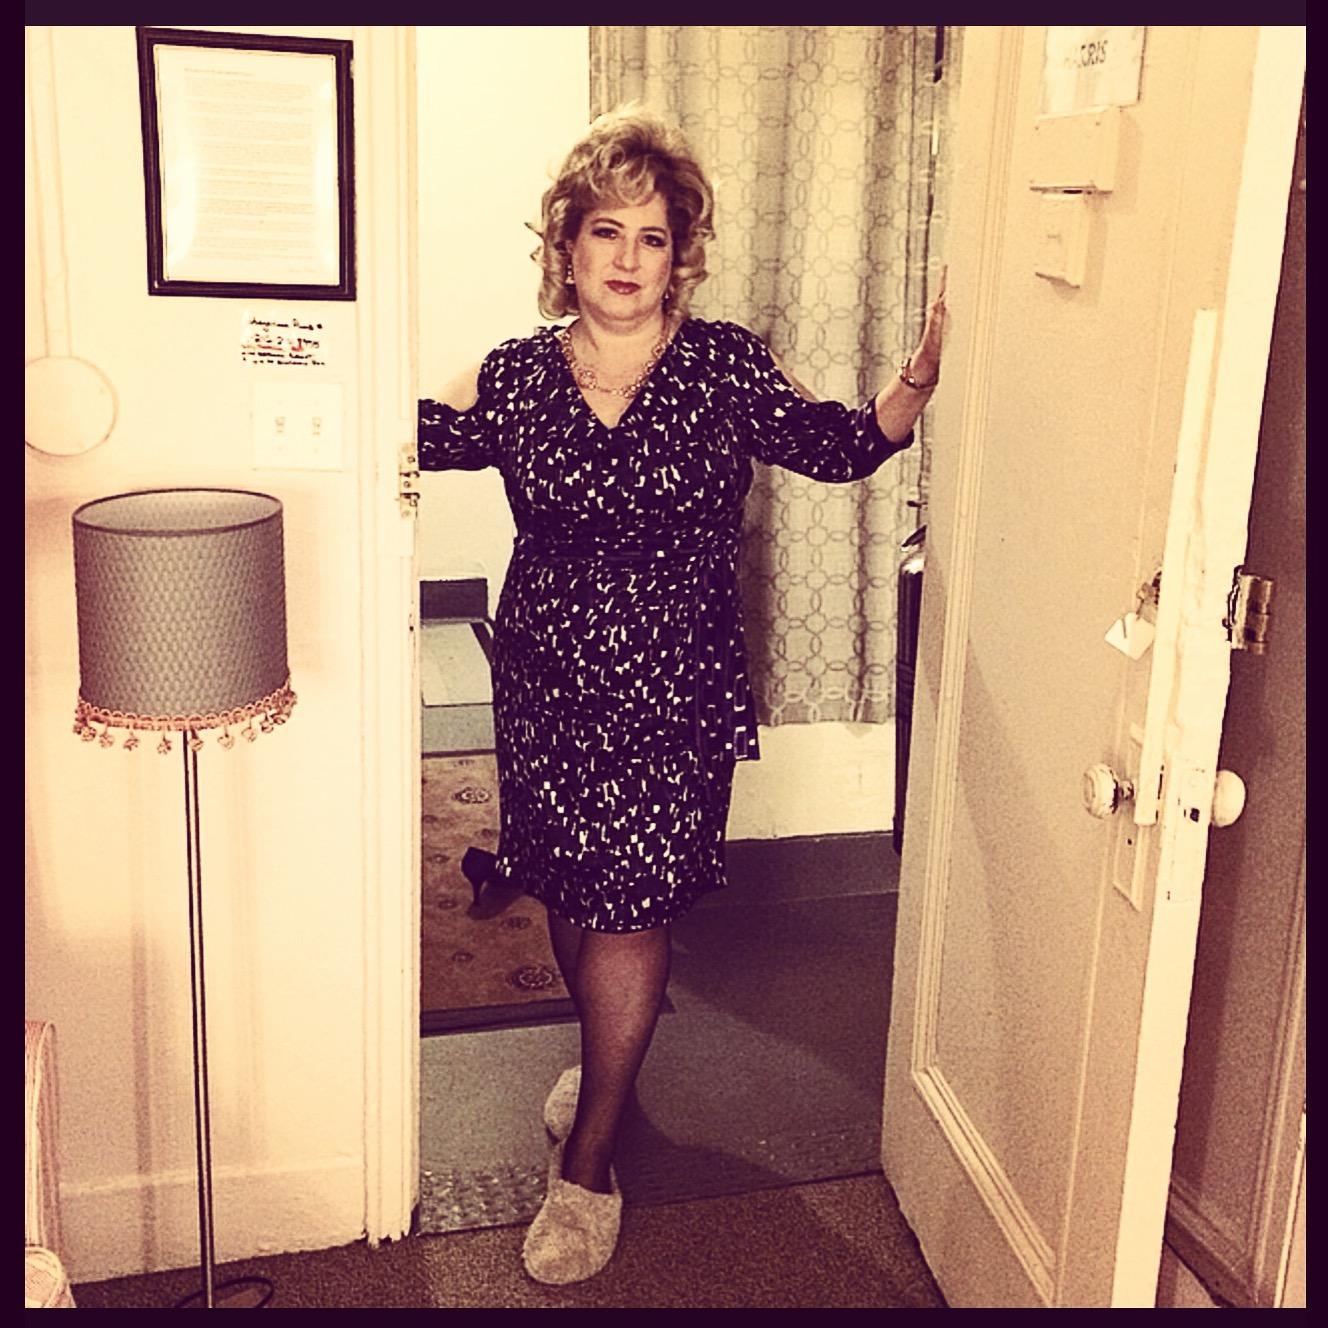 http://s3.amazonaws.com/broadwaybox/mediaspot/ISBY-Aunt_Sheila_backstage.jpg